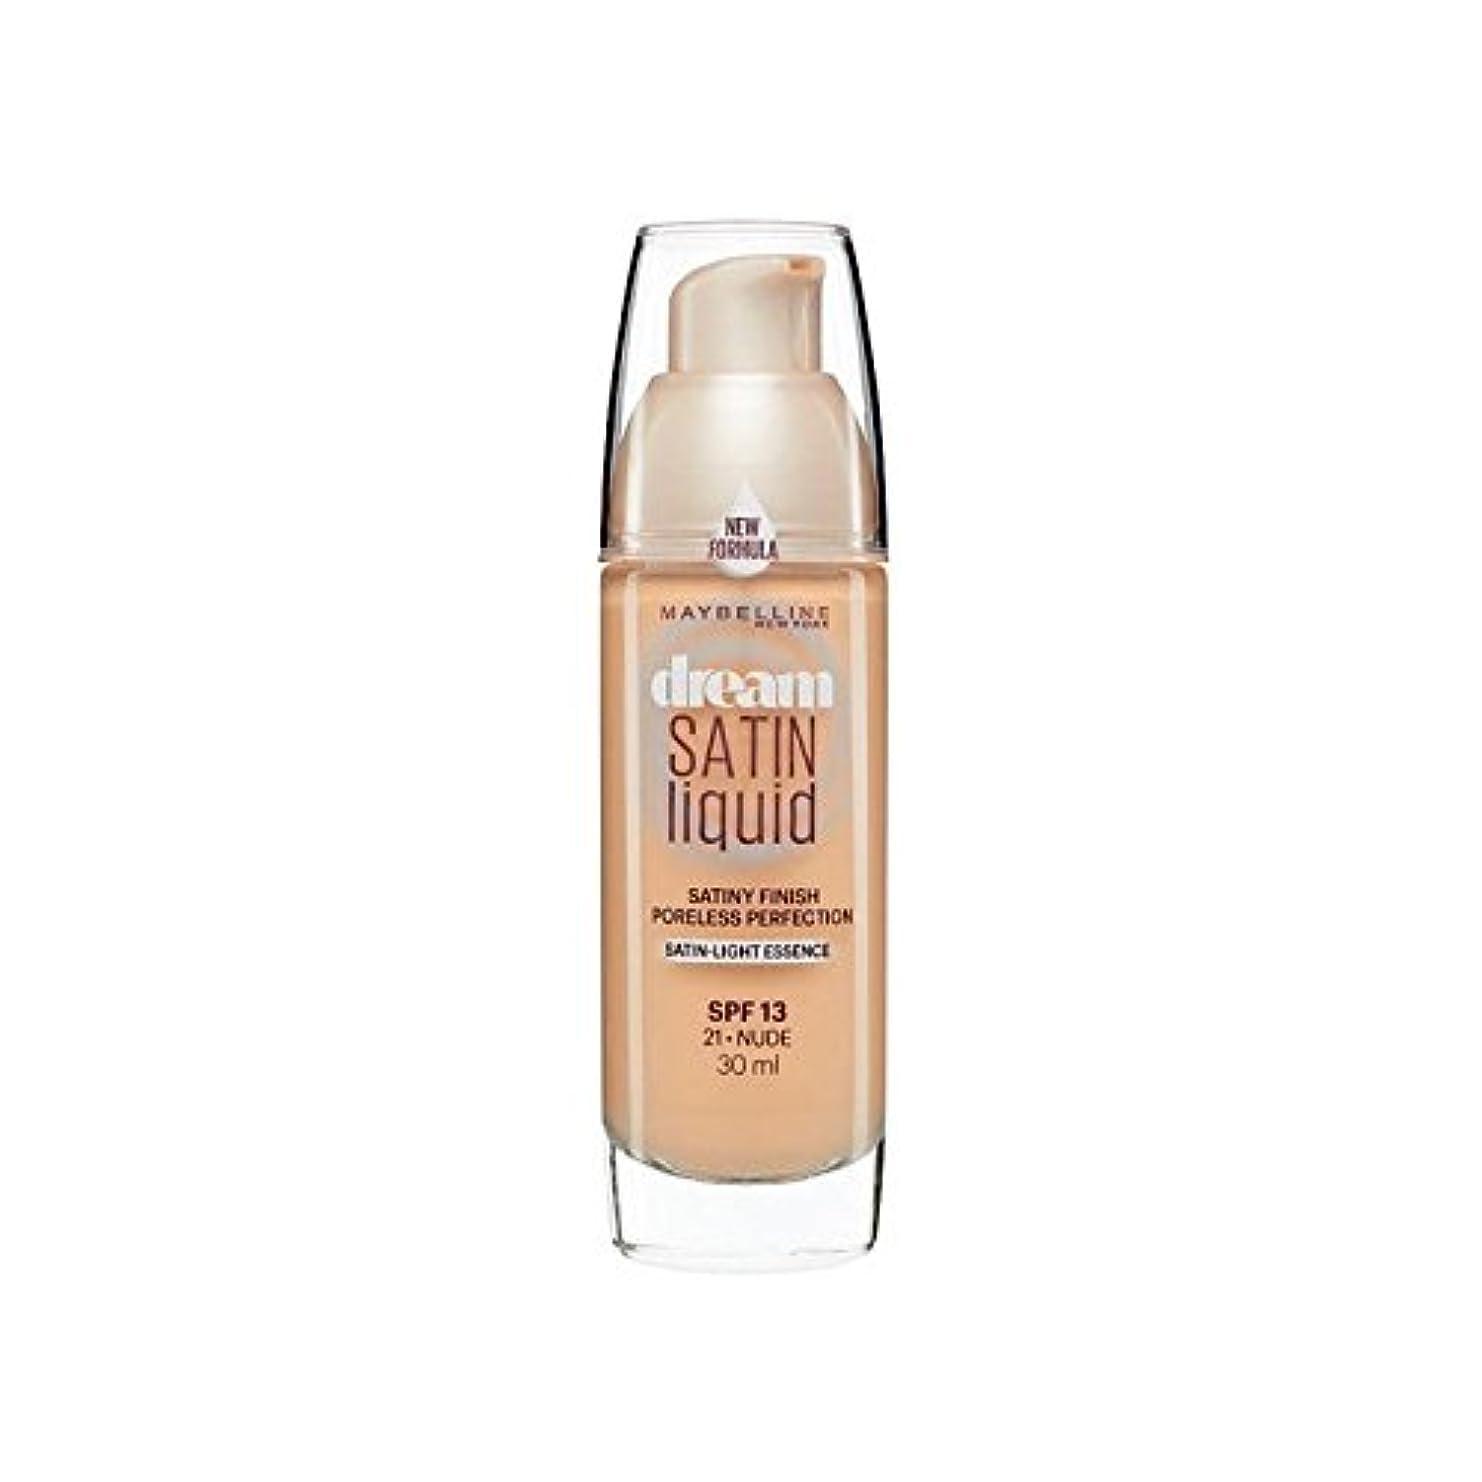 ふくろう強度強度メイベリン夢サテンリキッドファンデーション21ヌード30ミリリットル x2 - Maybelline Dream Satin Liquid Foundation 21 Nude 30ml (Pack of 2) [並行輸入品]